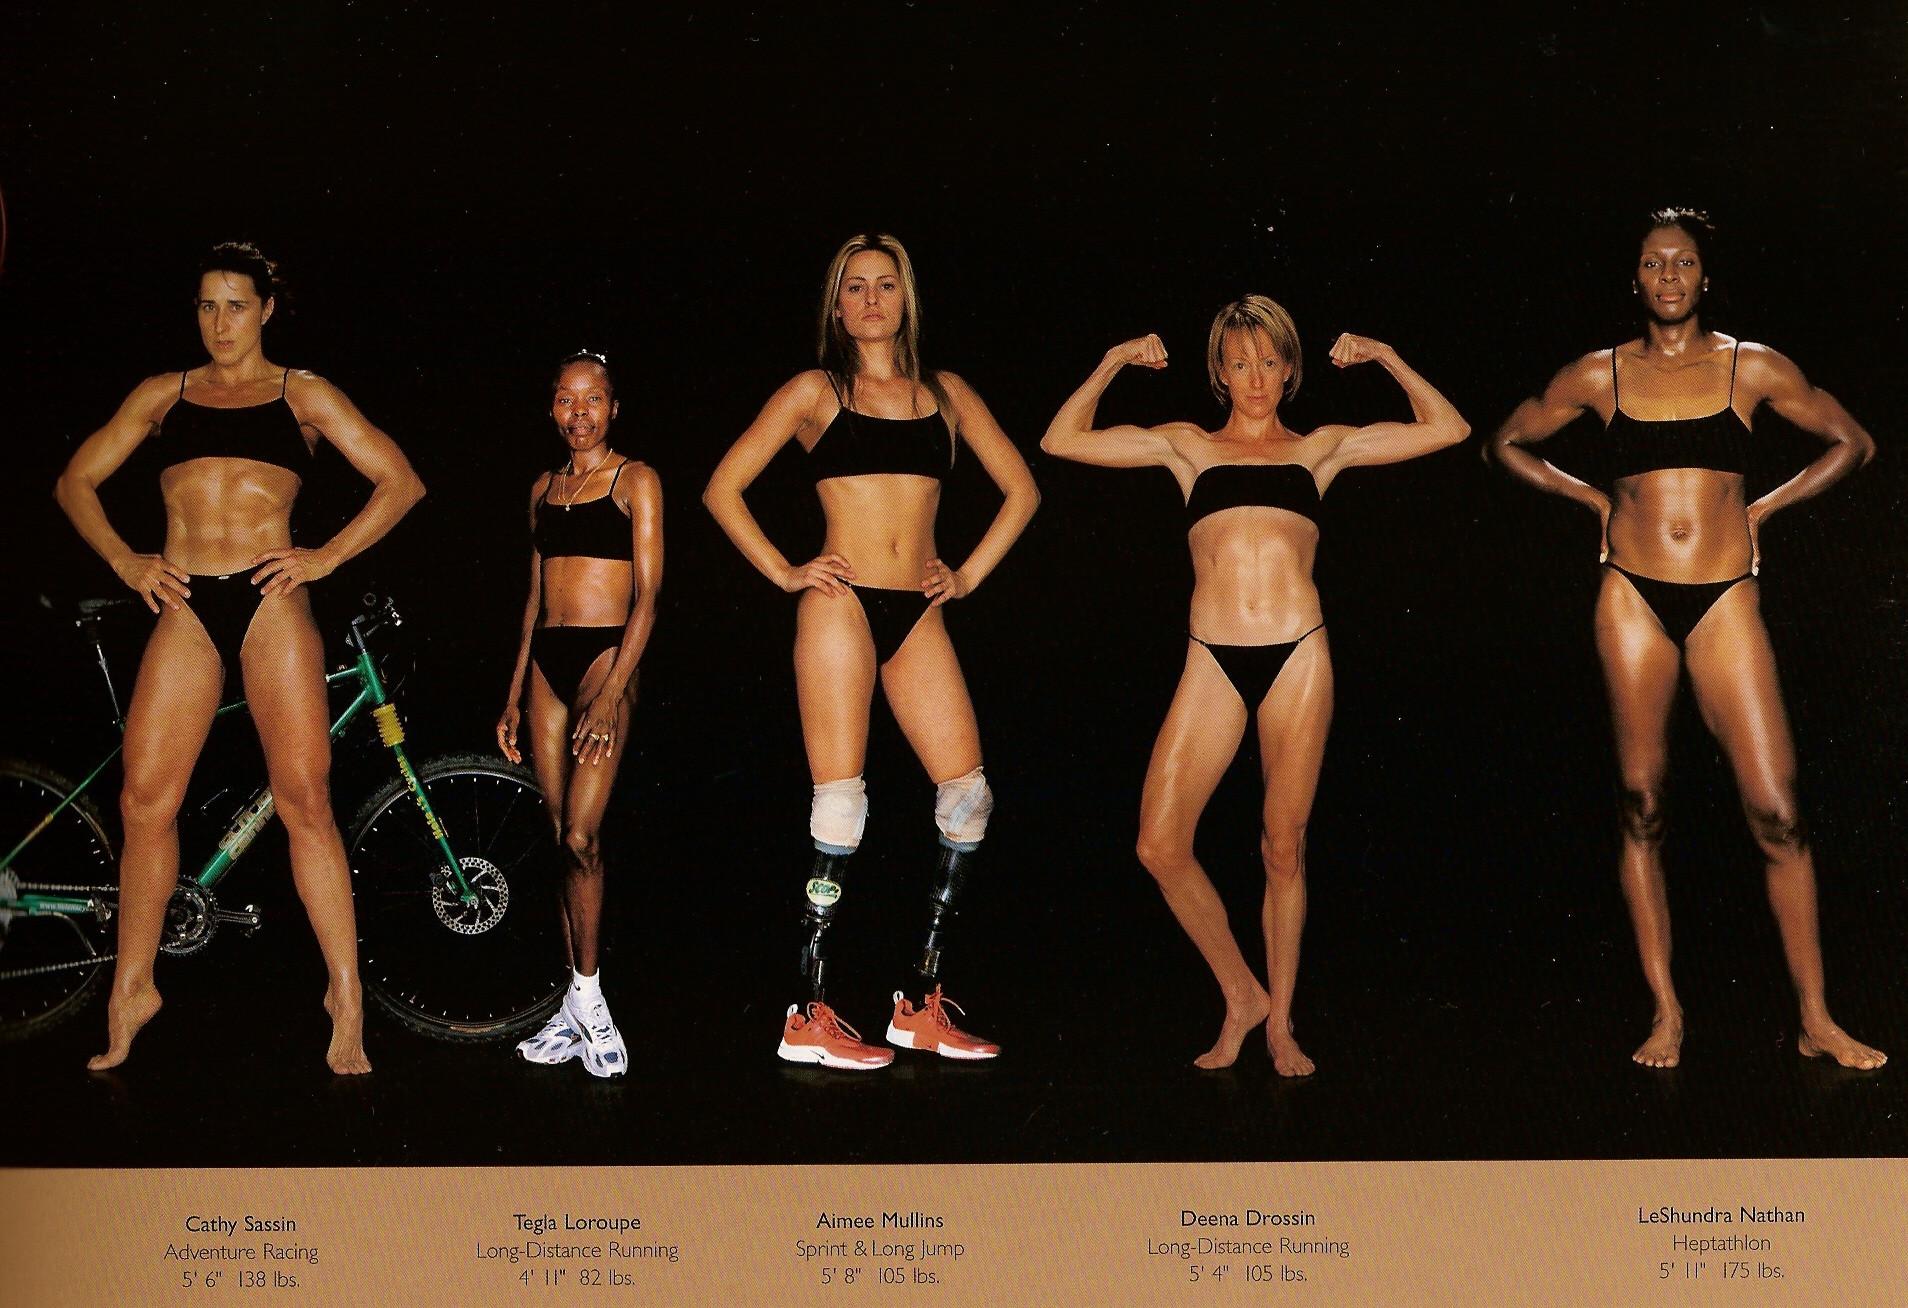 Howard Schatz / Слева направо: приключенческие велогонки, бег на большие дистанции, спринт и прыжки в длину, бег на большие дистанции, гептатлон.